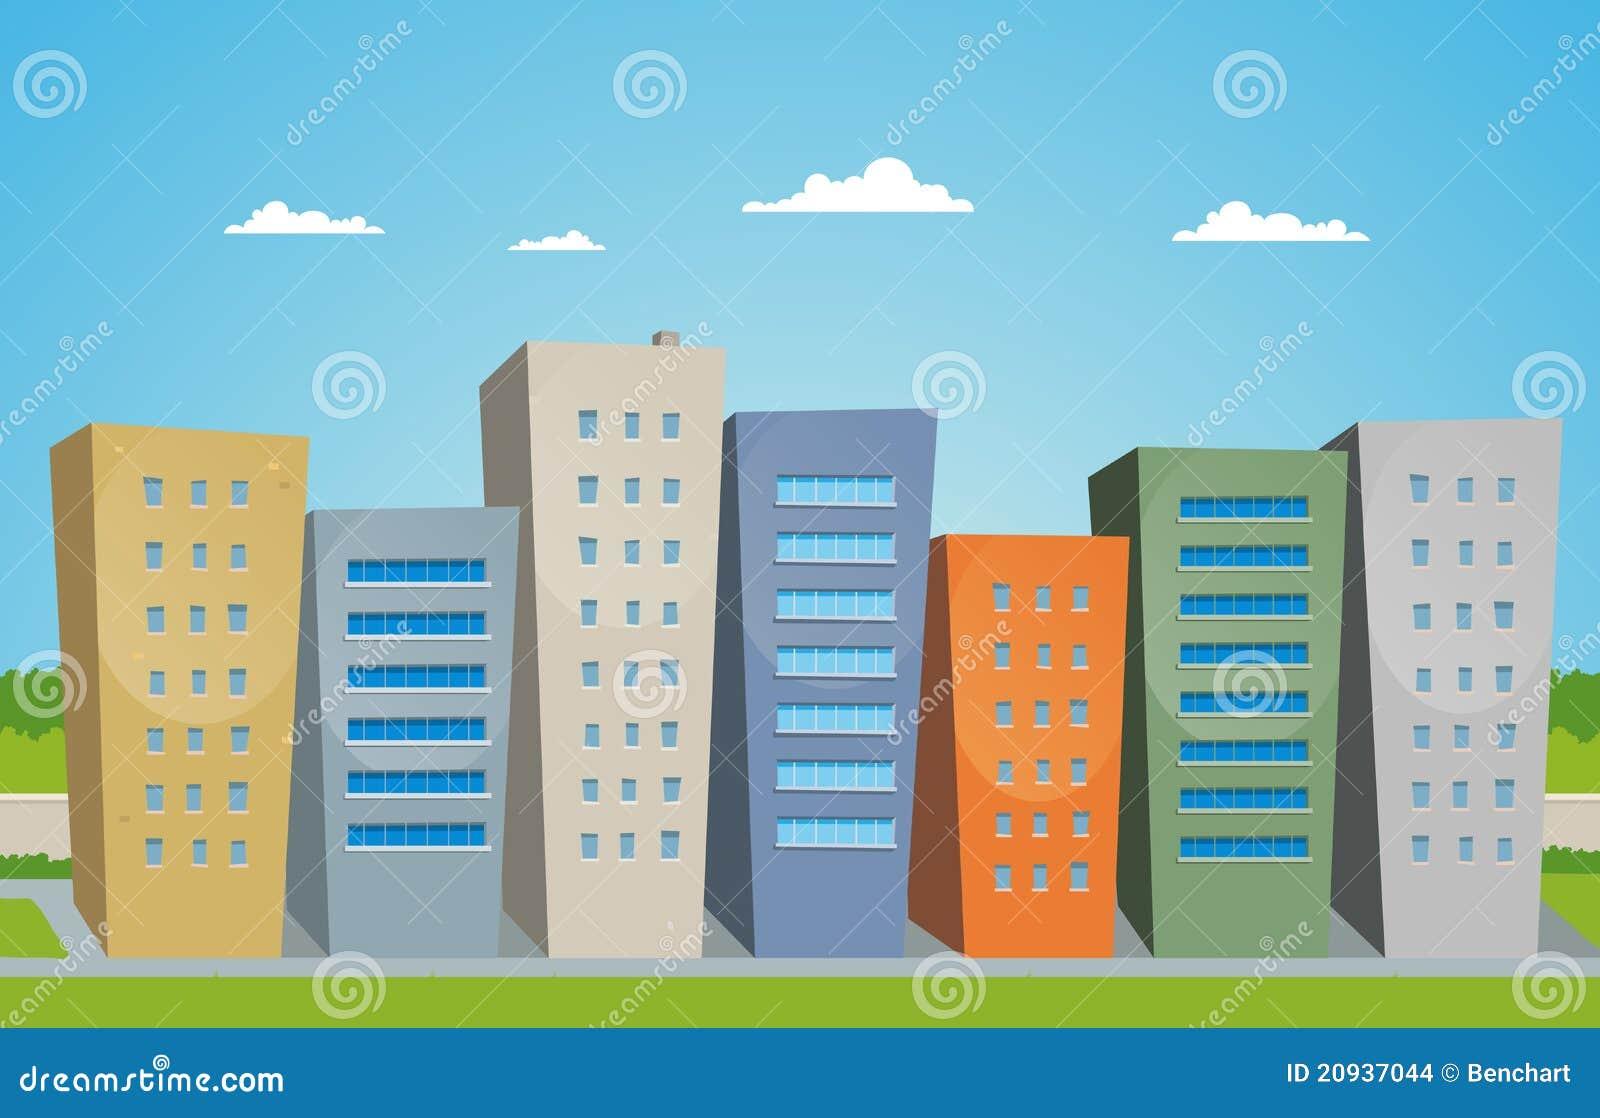 Imagenes De Edificios En Caricatura: Cartoon Buildings Stock Vector. Illustration Of Ecological